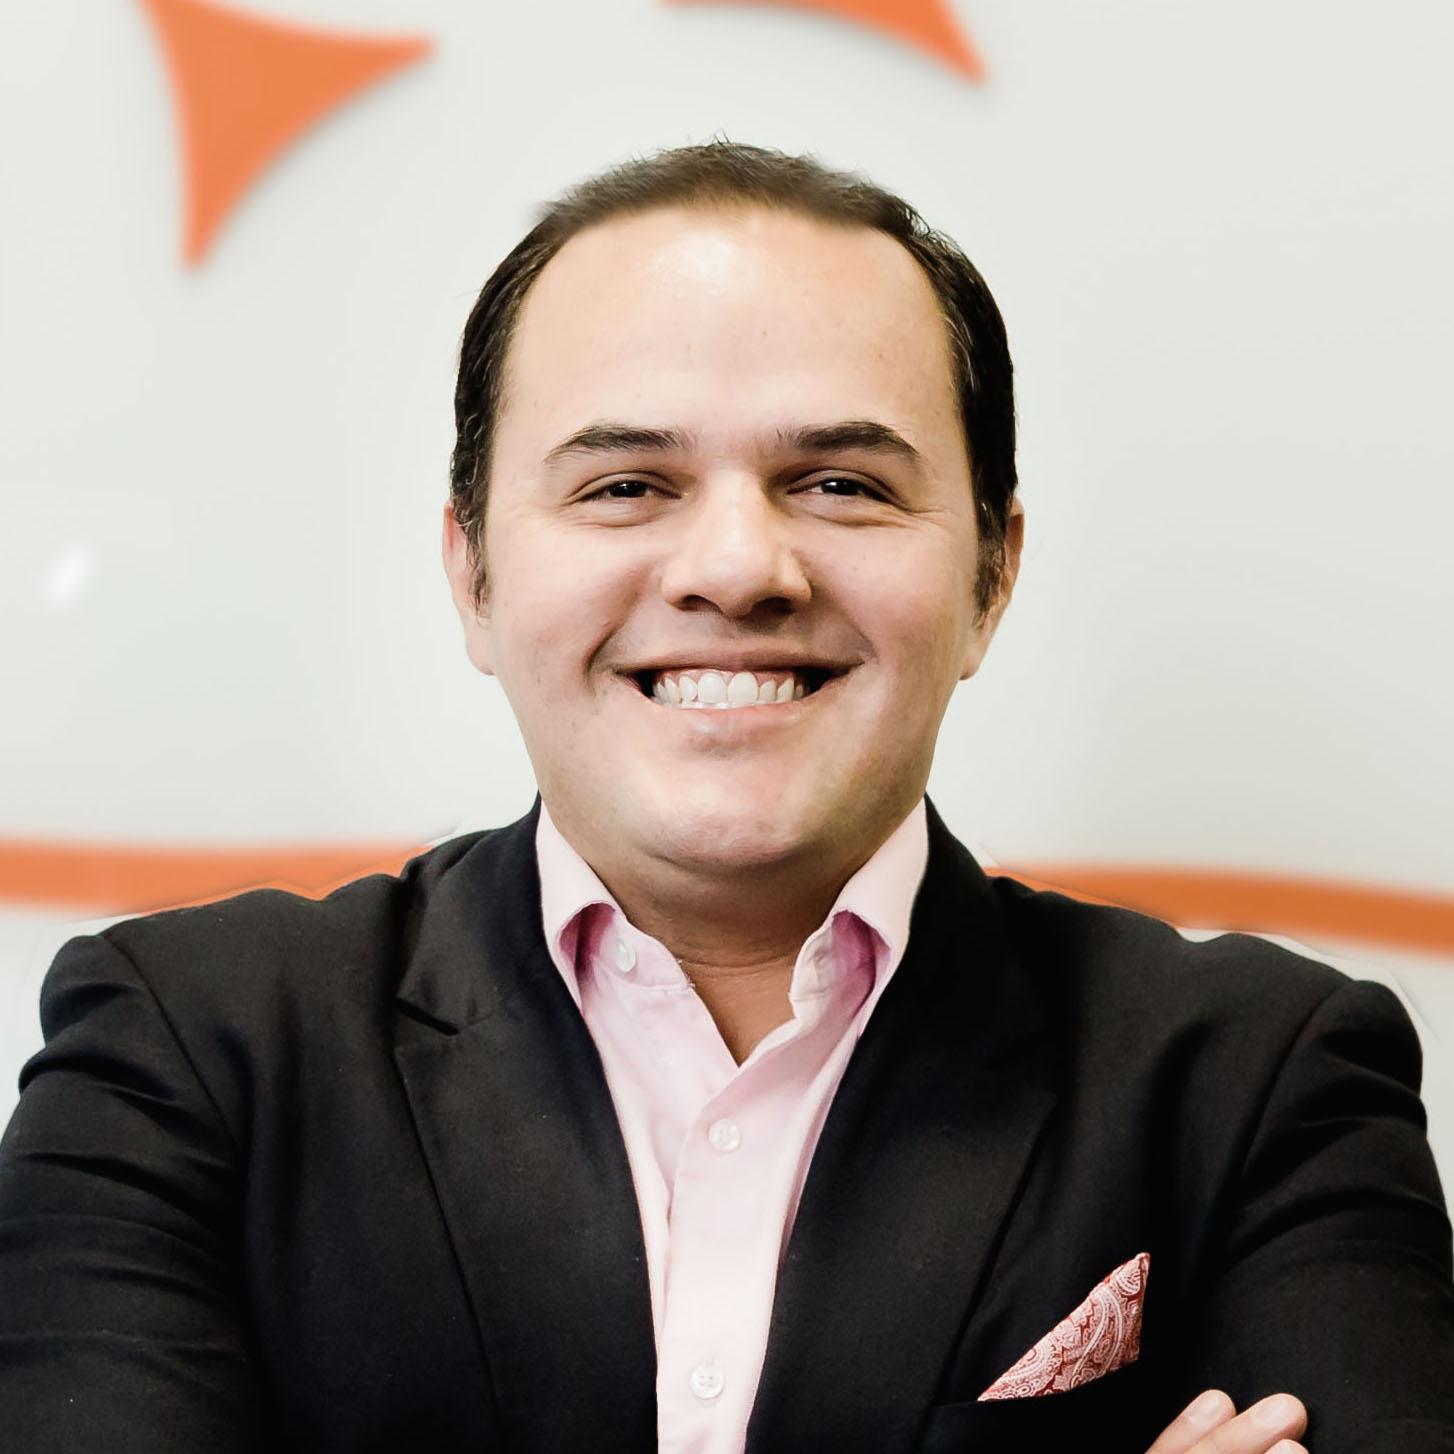 Camilo A. Triana